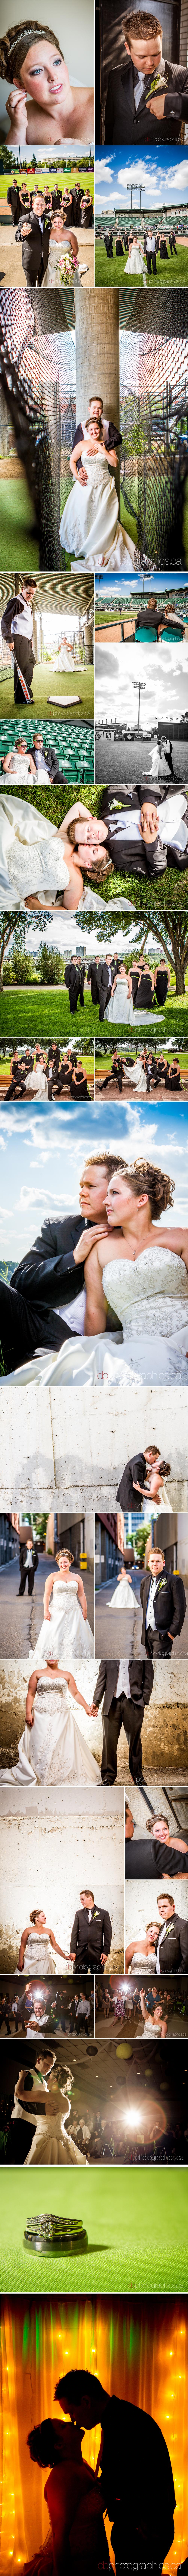 Rob&Melissa-Post1.jpg